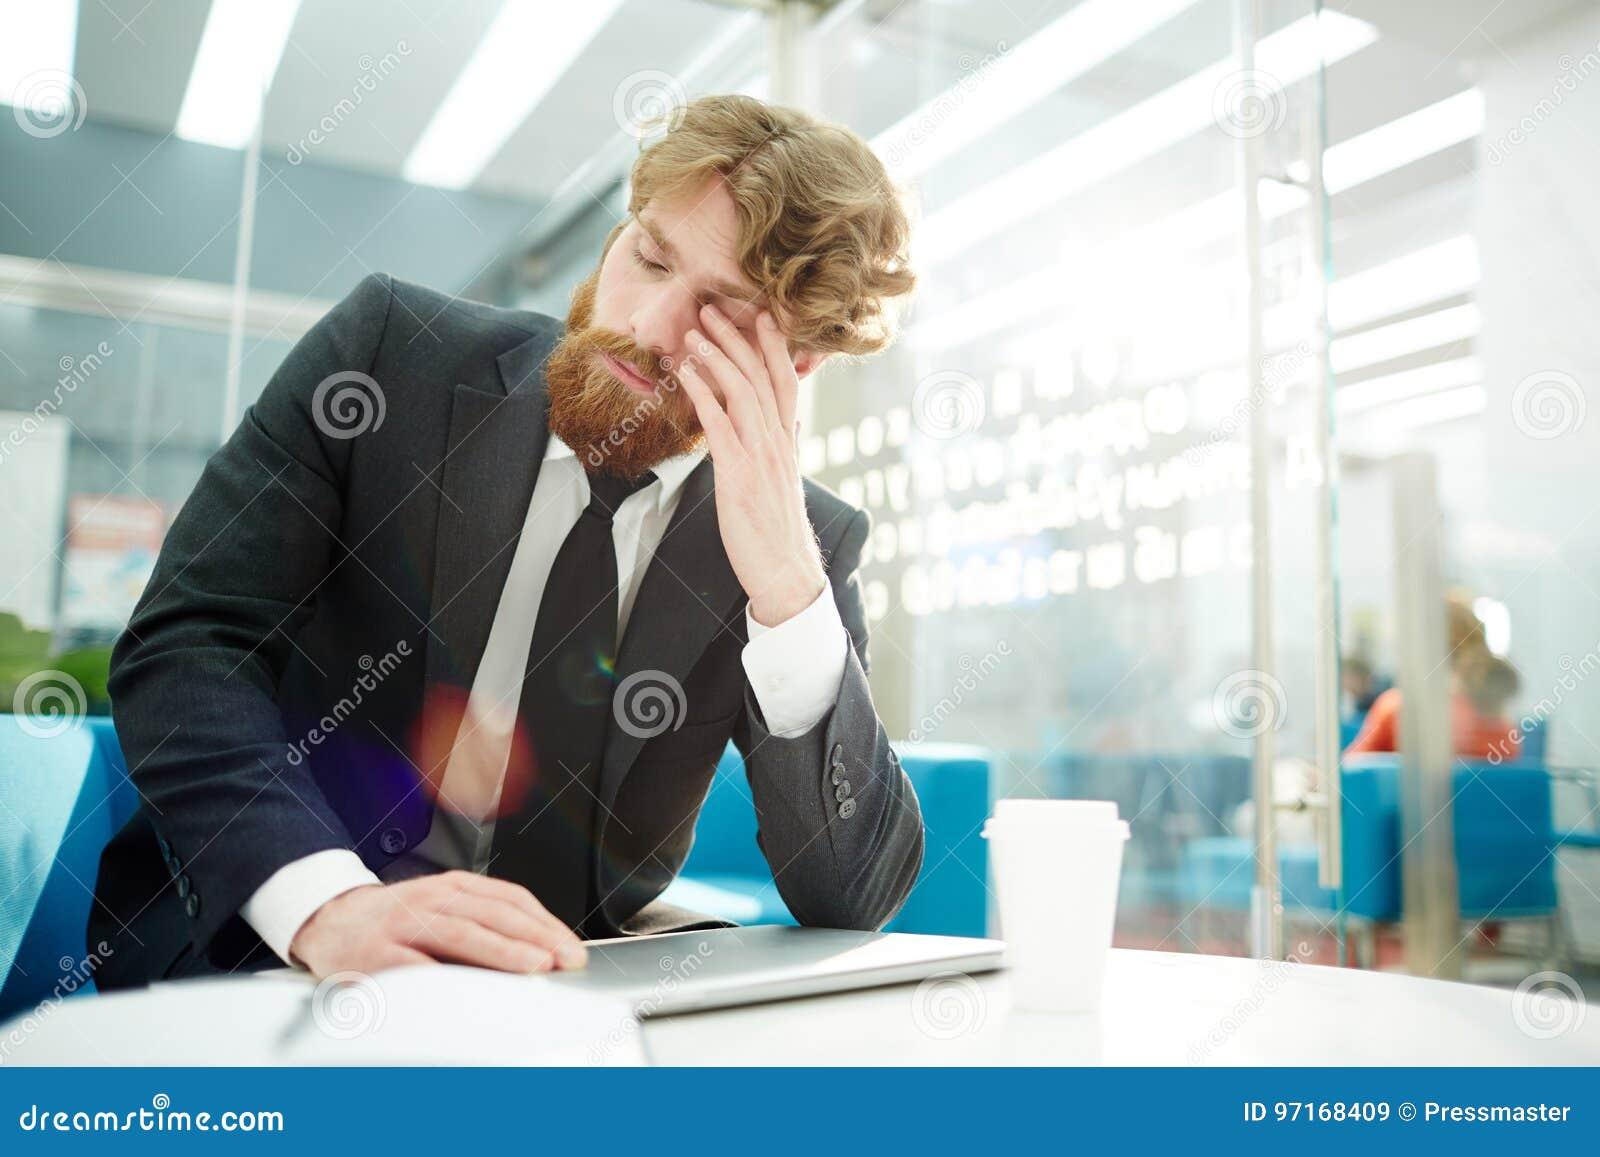 Hombre de negocios cansado Finishing Work en oficina